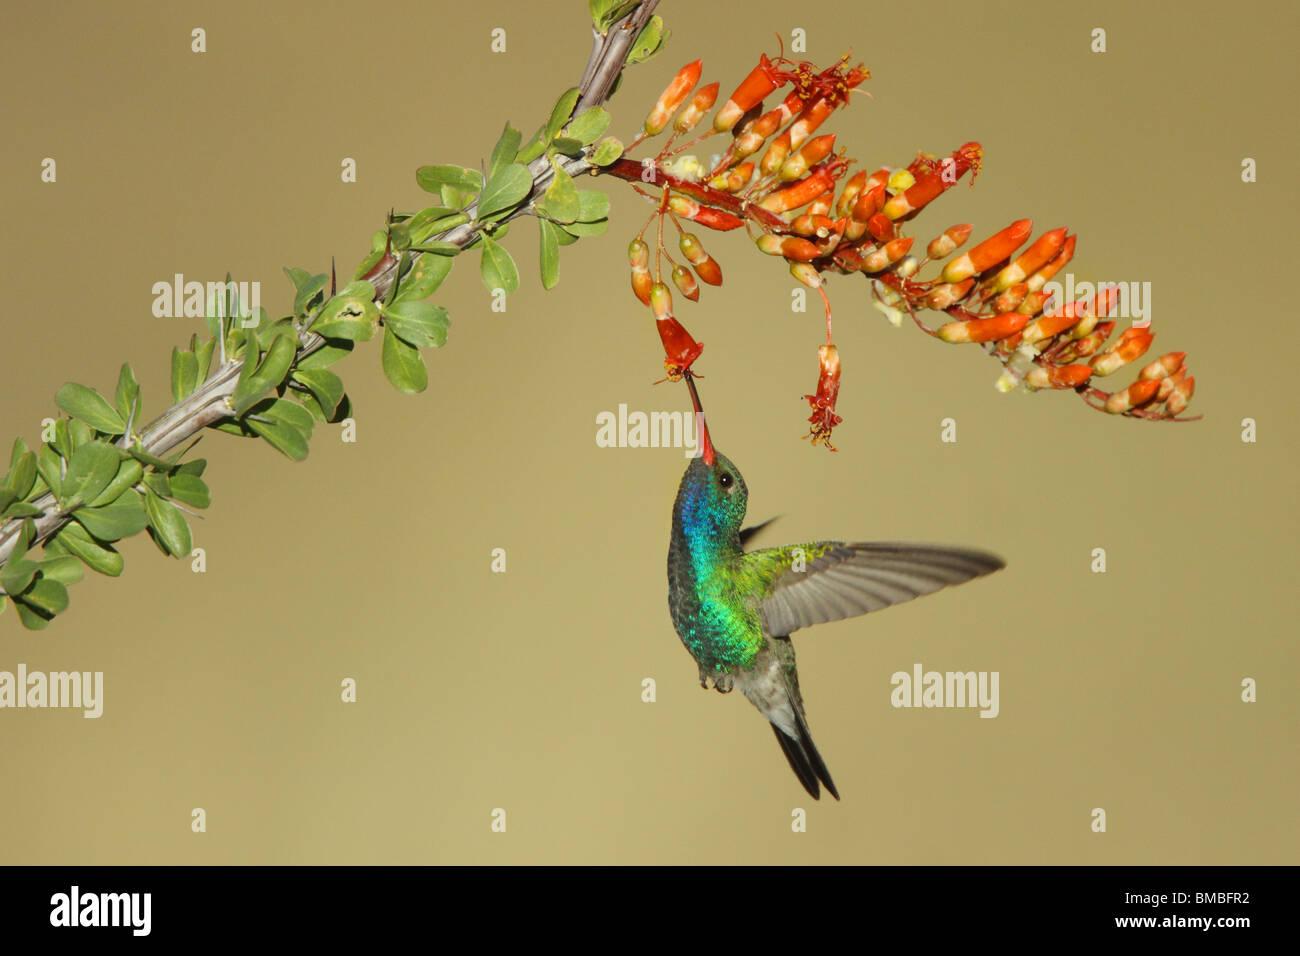 Amplia facturó Colibrí macho adulto alimentándose en Ocotillo flores. Foto de stock